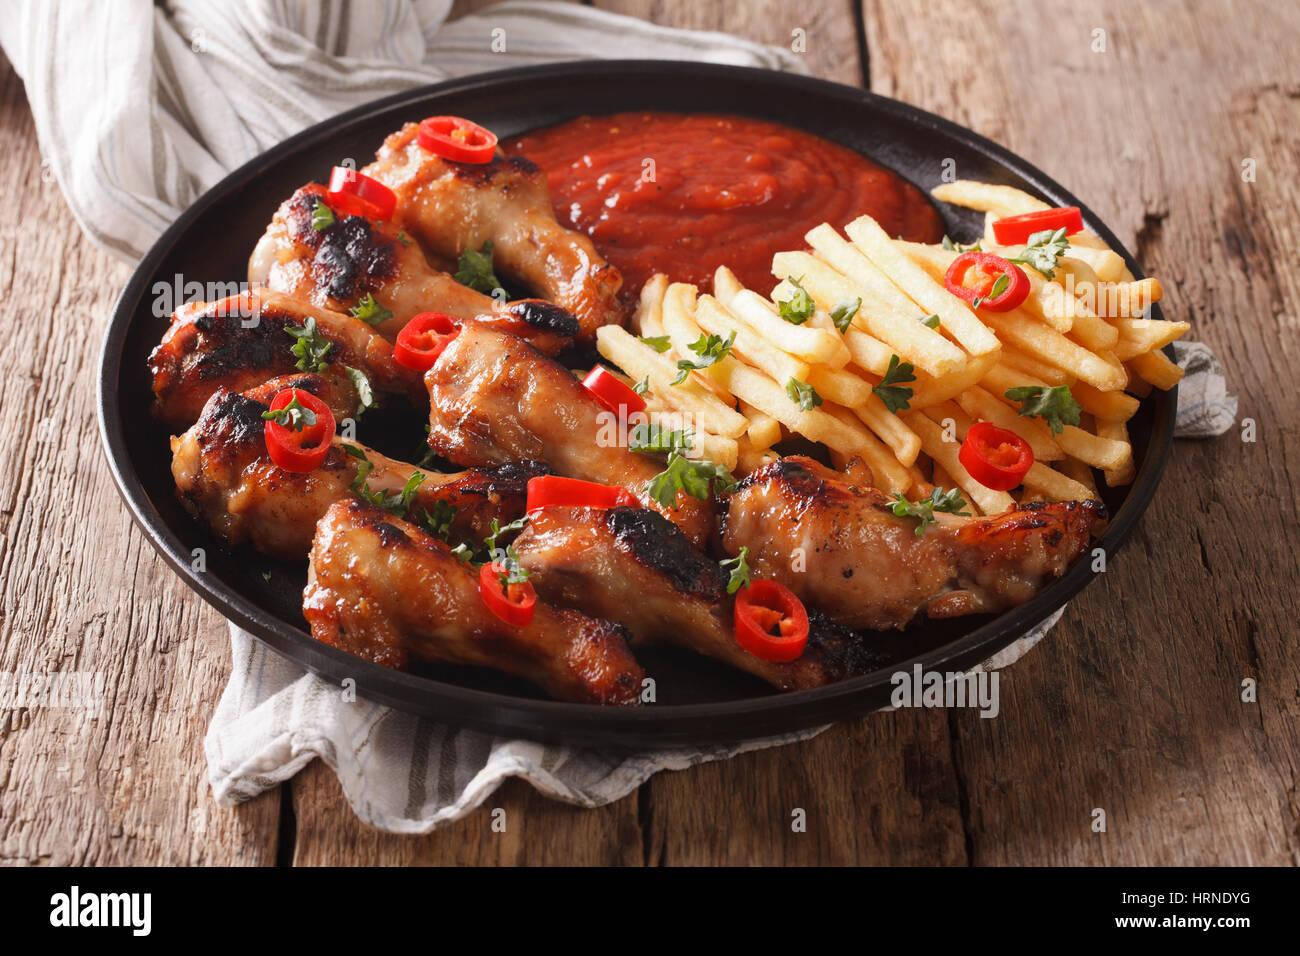 Servieren gebratene Hähnchenflügel mit Pommes Frites und Soße auf einer Platte Nahaufnahme. horizontale Stockbild